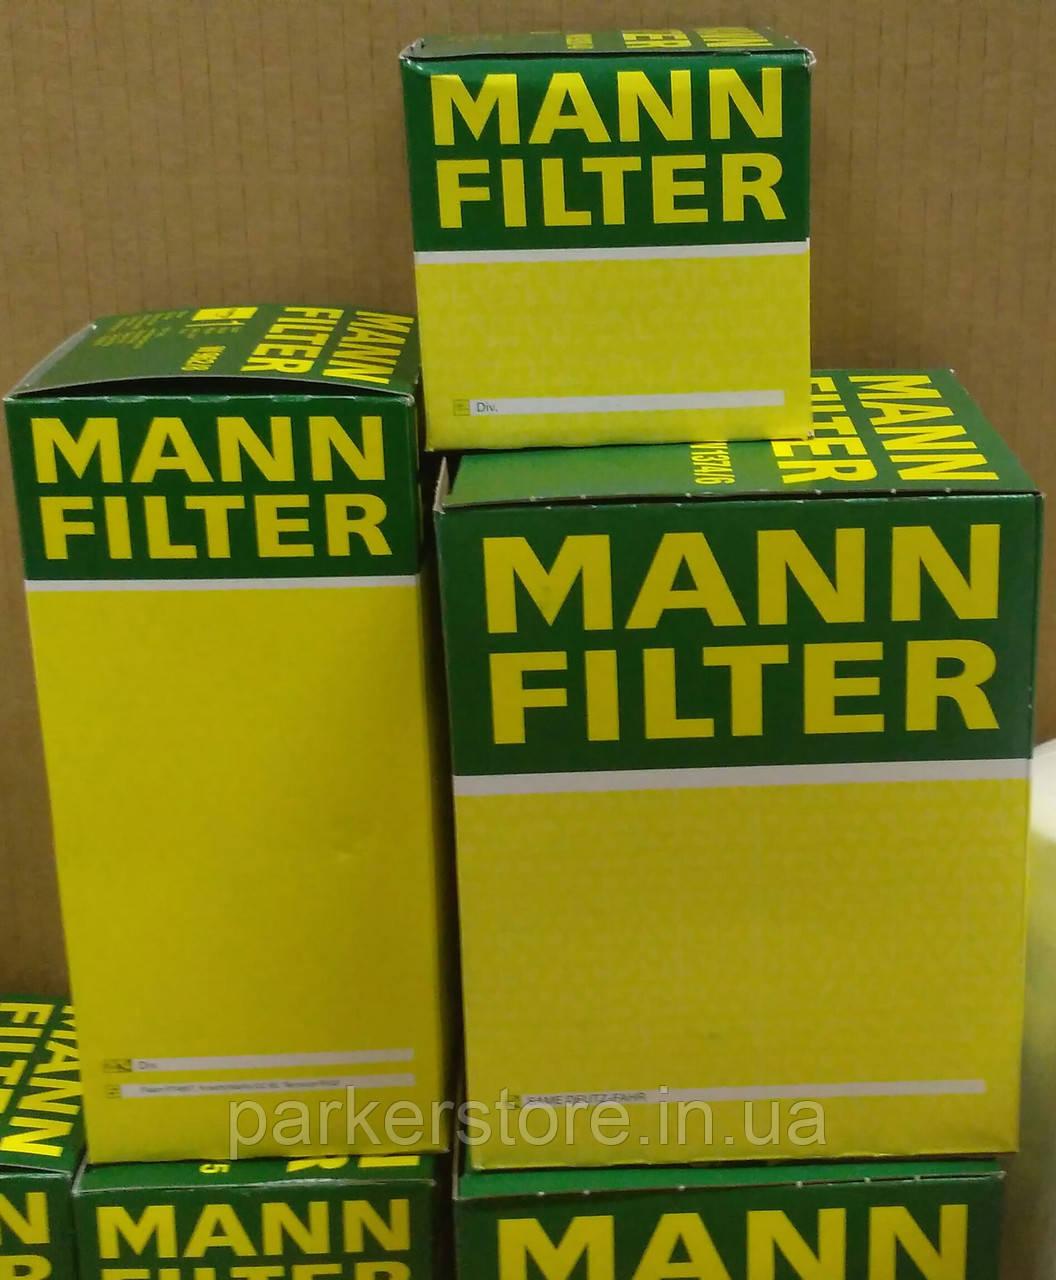 MANN FILTER / Повітряний фільтр / C 1189 / C1189